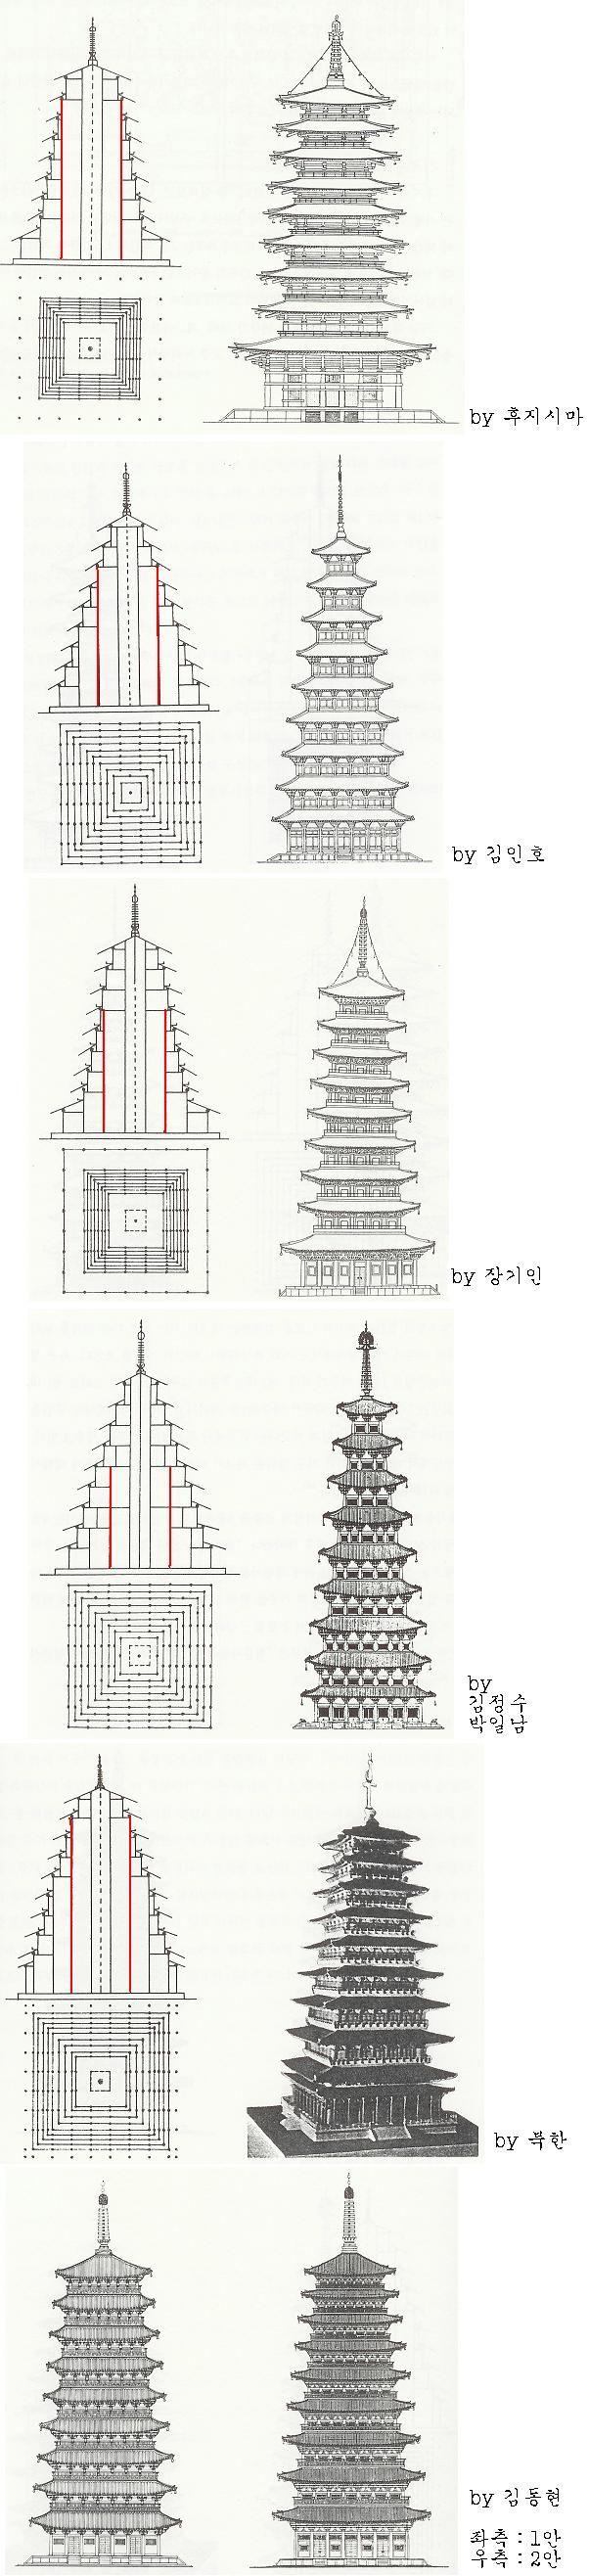 Various proposed reconstructions of the 9-story wooden pagoda of Hwangnyongsa Temple 황룡사 발굴 이후로, 여러 연구자들이 9층 목탑에 대해 각기 다른 복원안을 발표하였다. 대표적인 것을 추리면 다음과 같다.